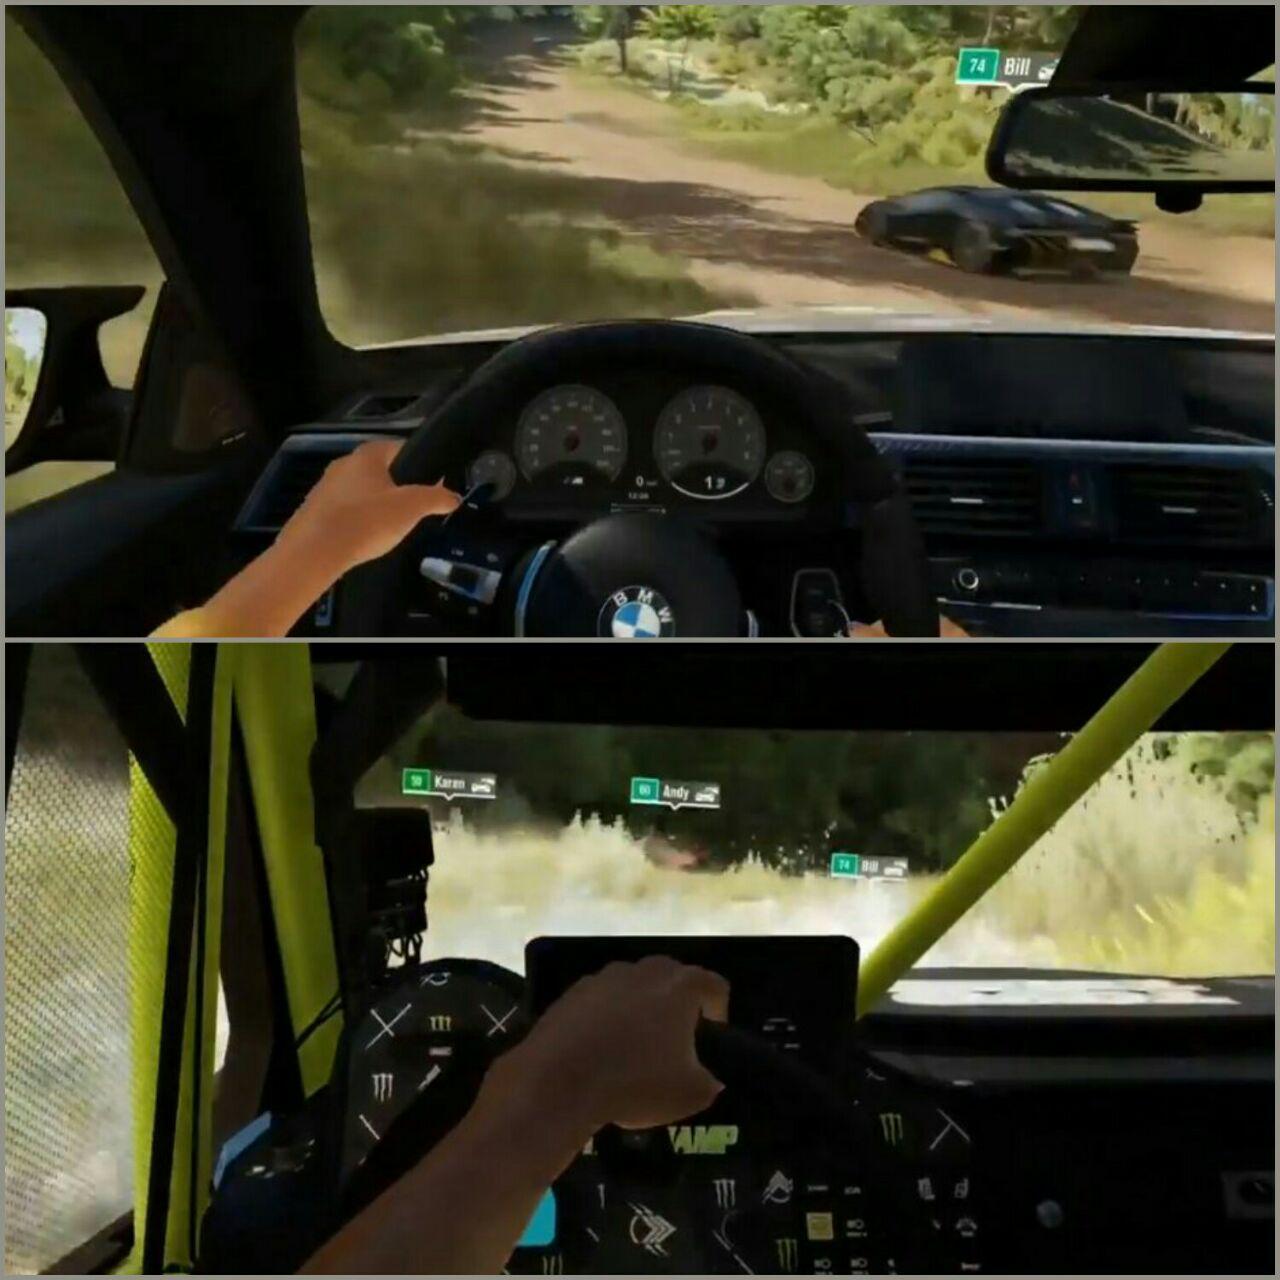 پوشش و رنگ پوست متفاوت رانندههای مختلف در نمایش بازی، ممکن است نشان دهندهی قابلیت شخصی سازی رانندهی مخاطبان در بازی نهایی باشد.